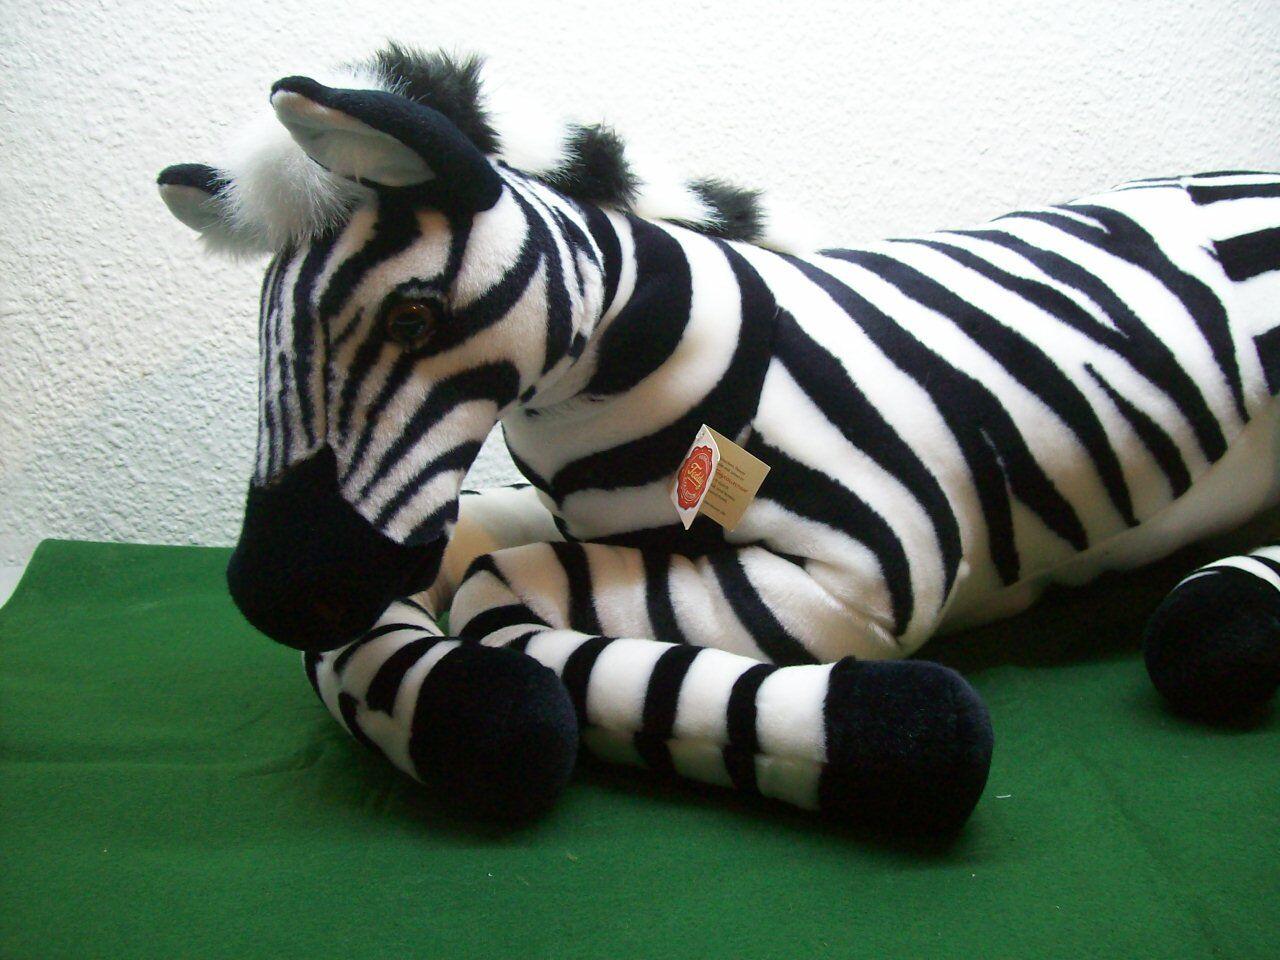 1 Zebra Teddy Hermann Studiotier 80cm liegend Plüschtier Stofftier